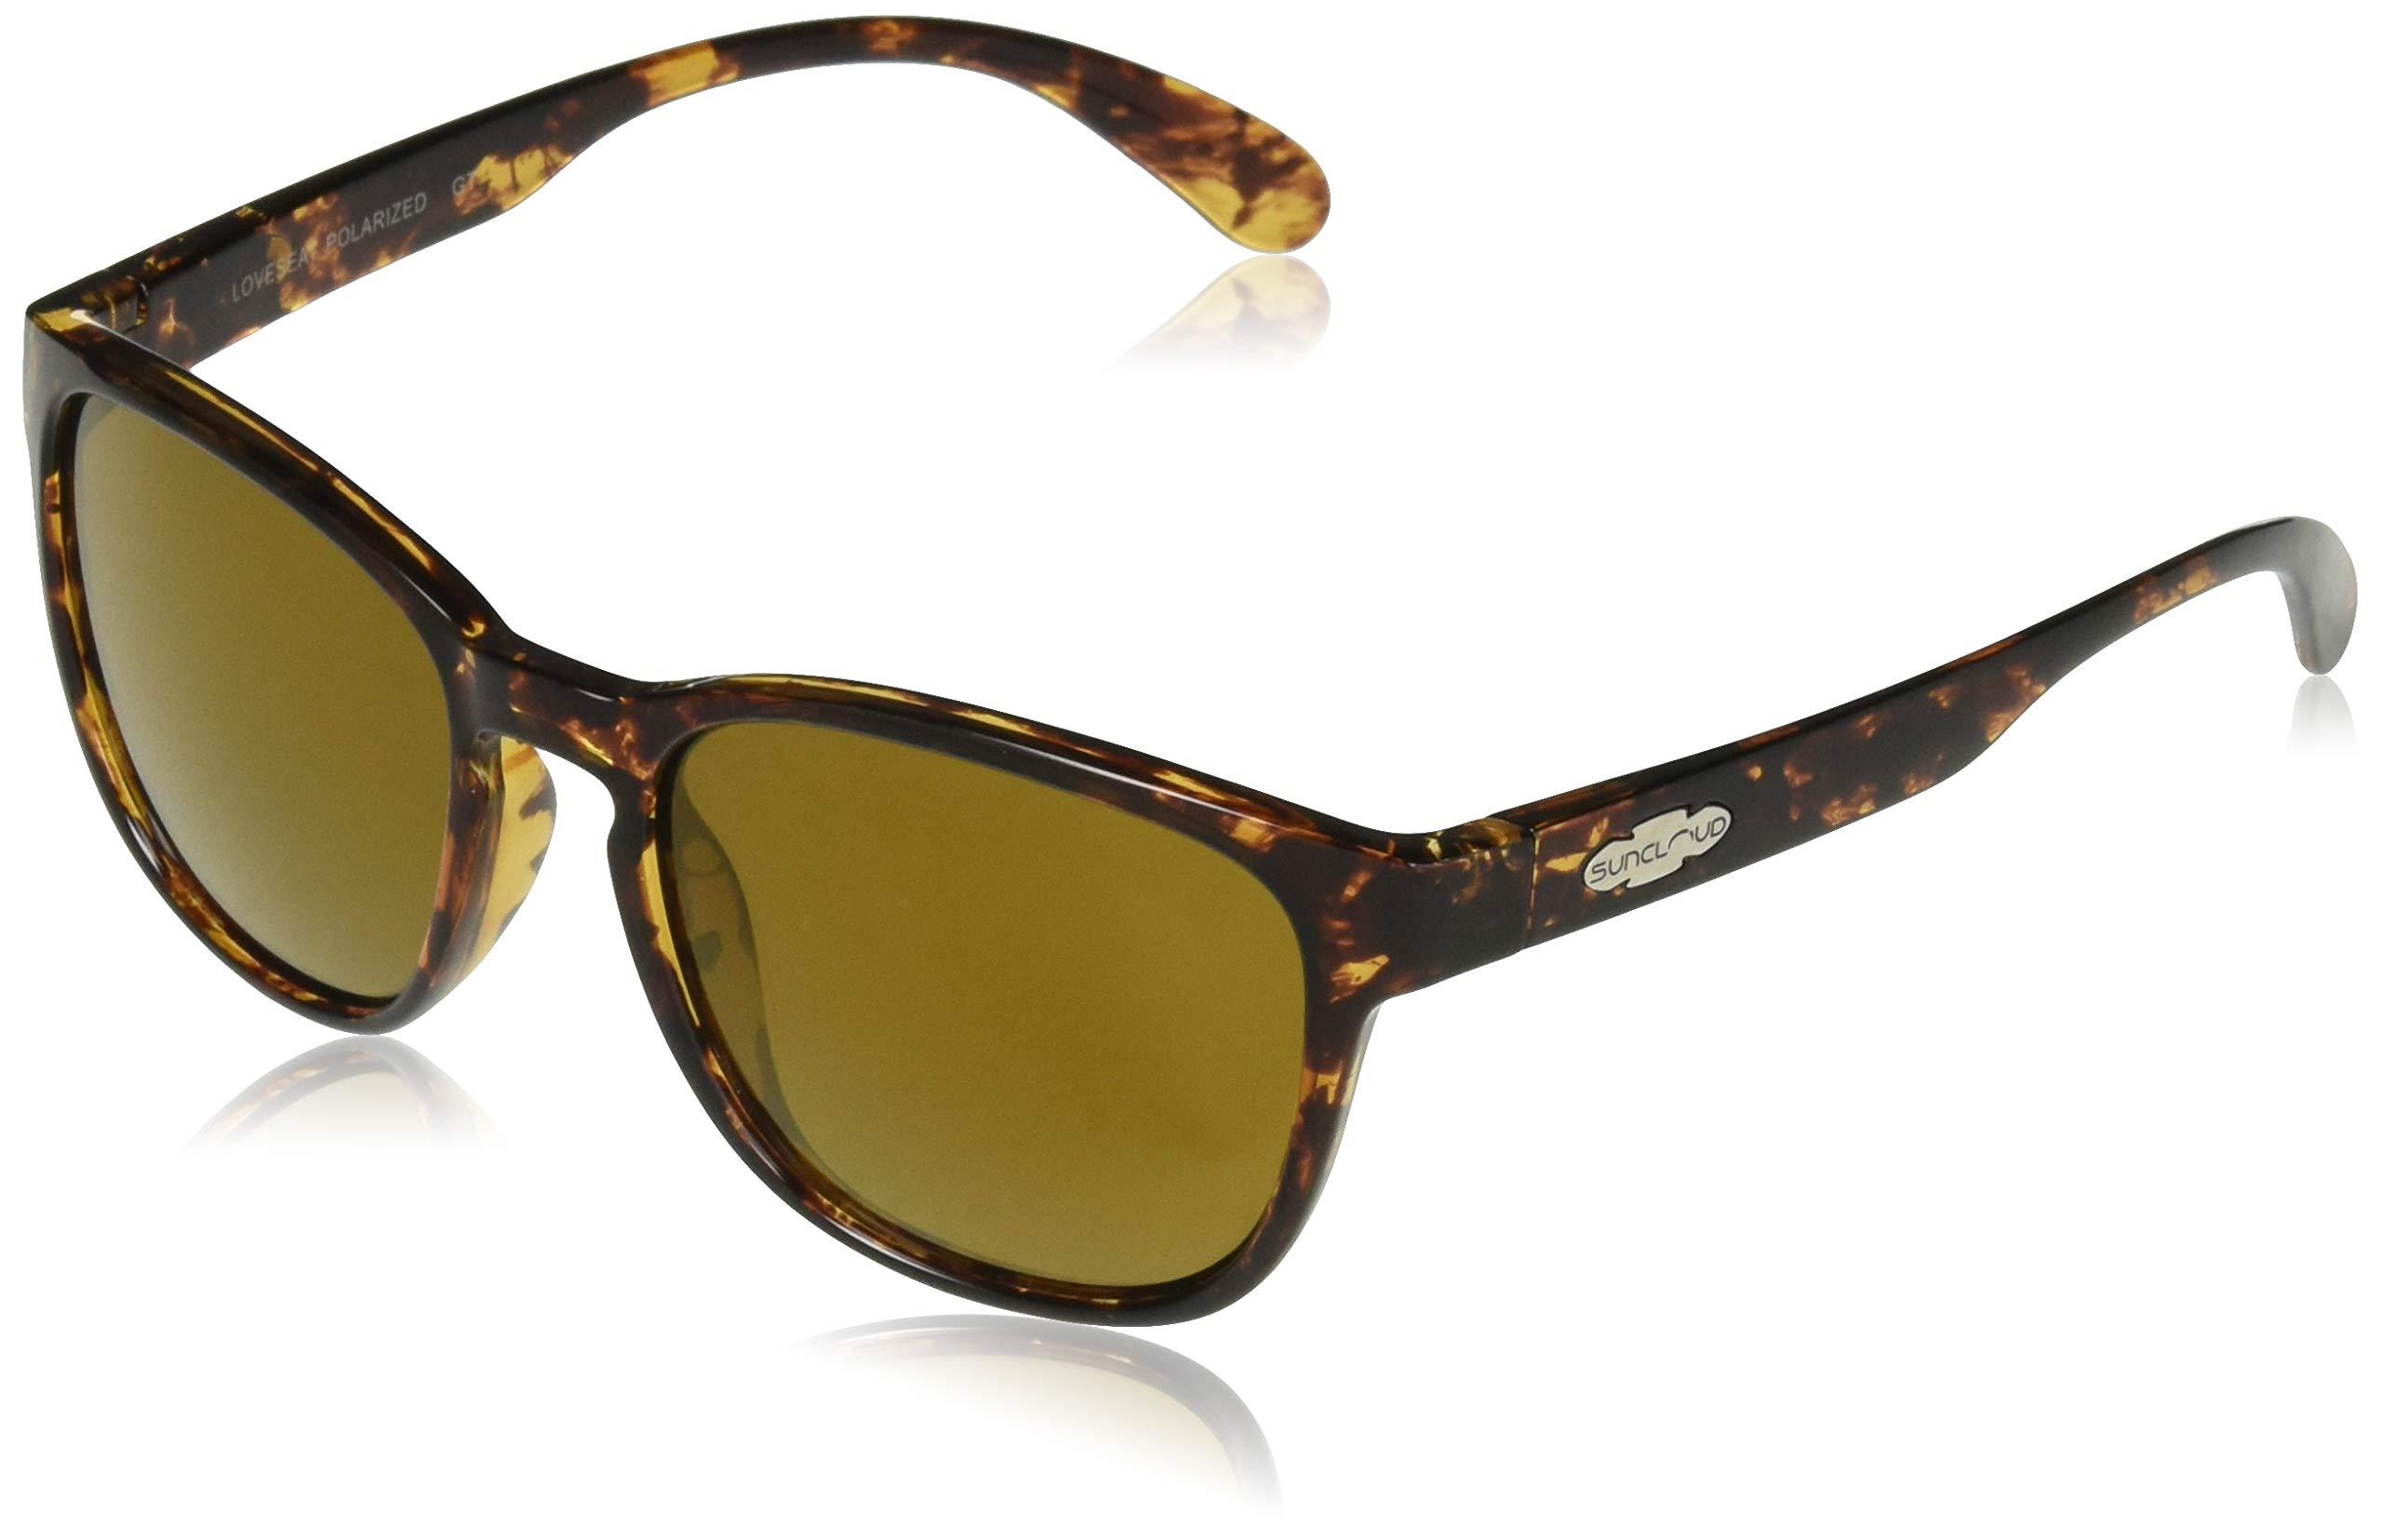 Suncloud Loveseat Polarized Sunglasses, Tortoise Frame, Sienna Lens